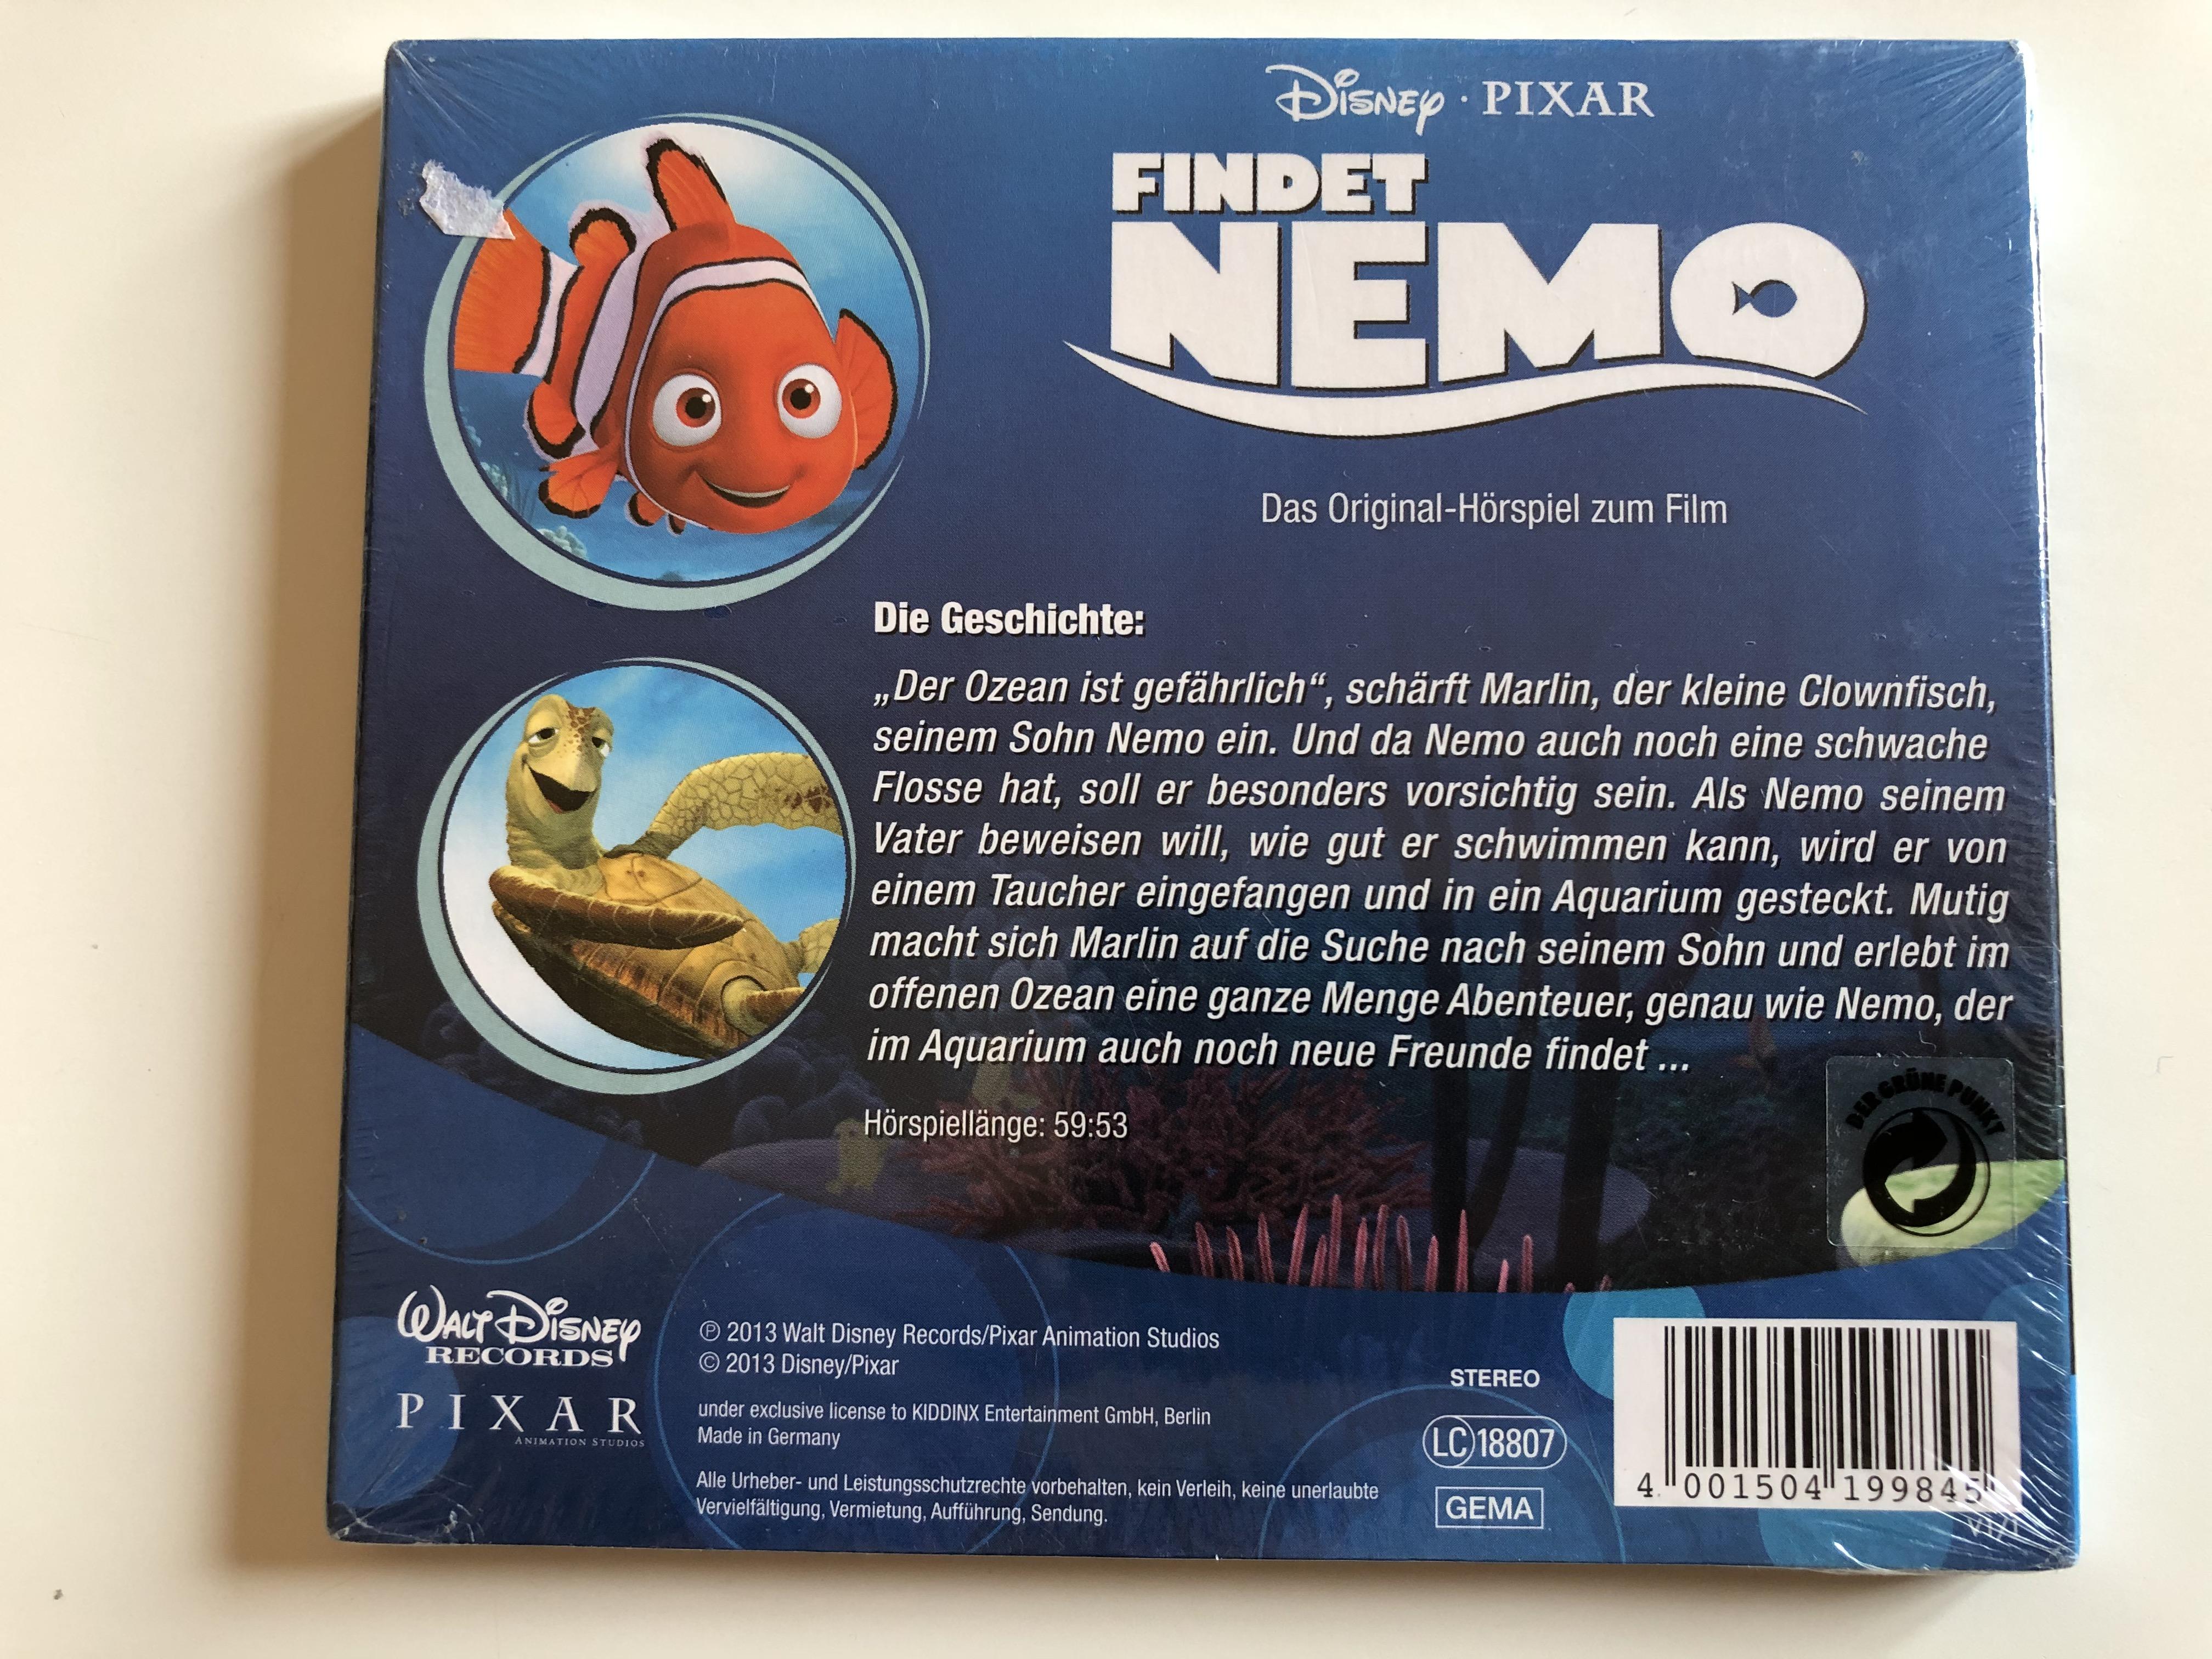 das-original-h-rspiel-zum-film-findet-nemo-disney-pixar-walt-disney-records-audio-cd-2013-19984-2-.jpg